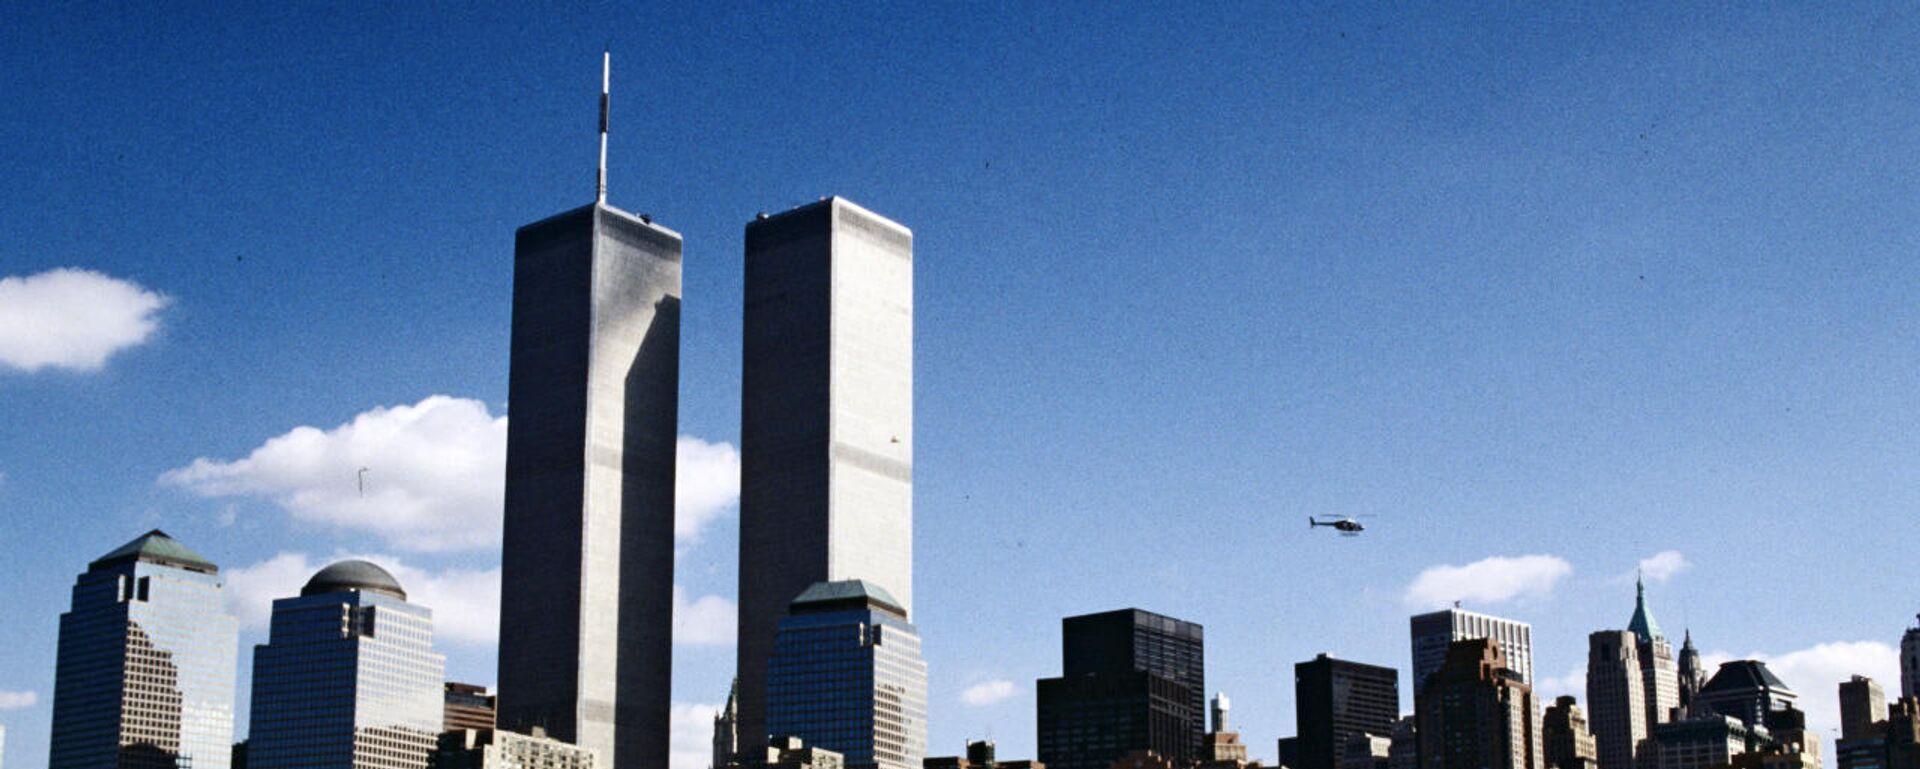 11η Σεπτεμβρίου 2001: Οι τρομοκρατικές επιθέσεις που συγκλόνισαν τις ΗΠΑ και τον κόσμο  - Sputnik Ελλάδα, 1920, 11.09.2021